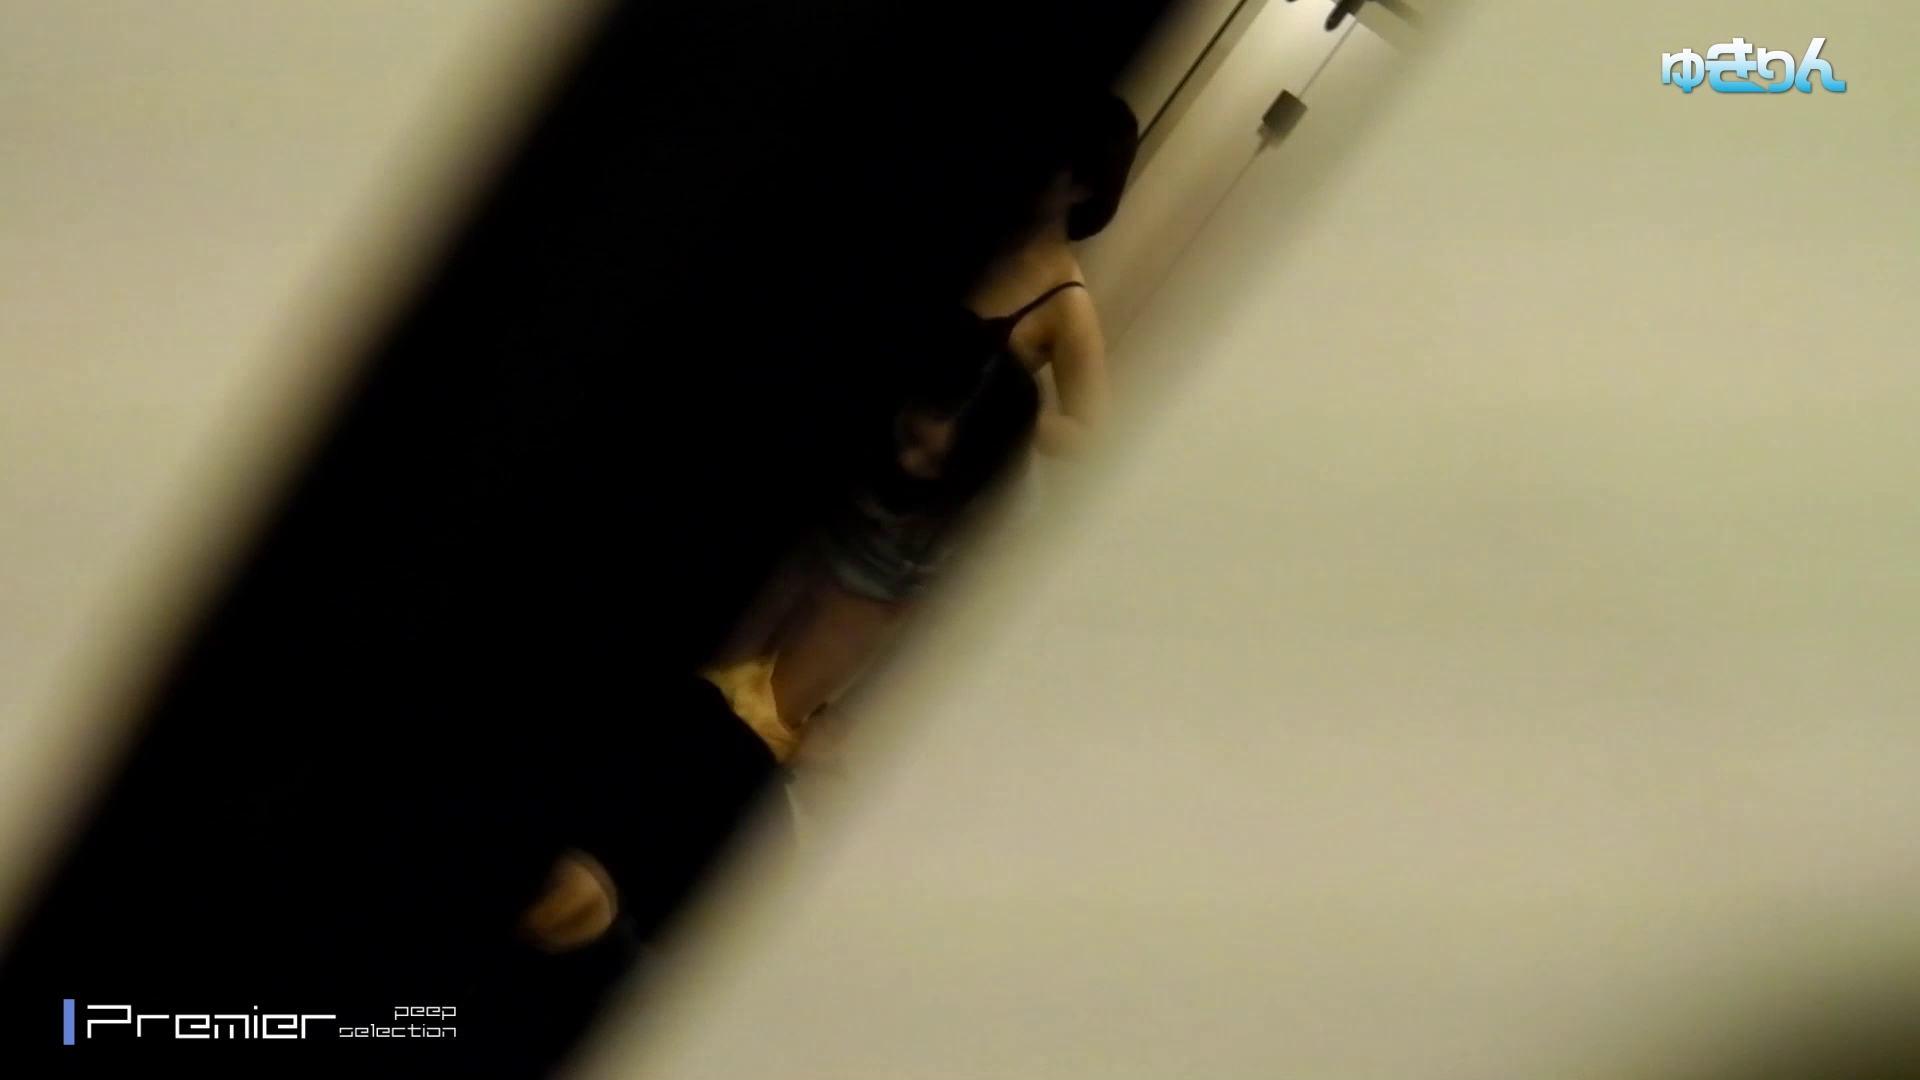 新世界の射窓 No89 あの有名のショーに出ているモデルが偶然に利用するという 洗面所  113画像 38